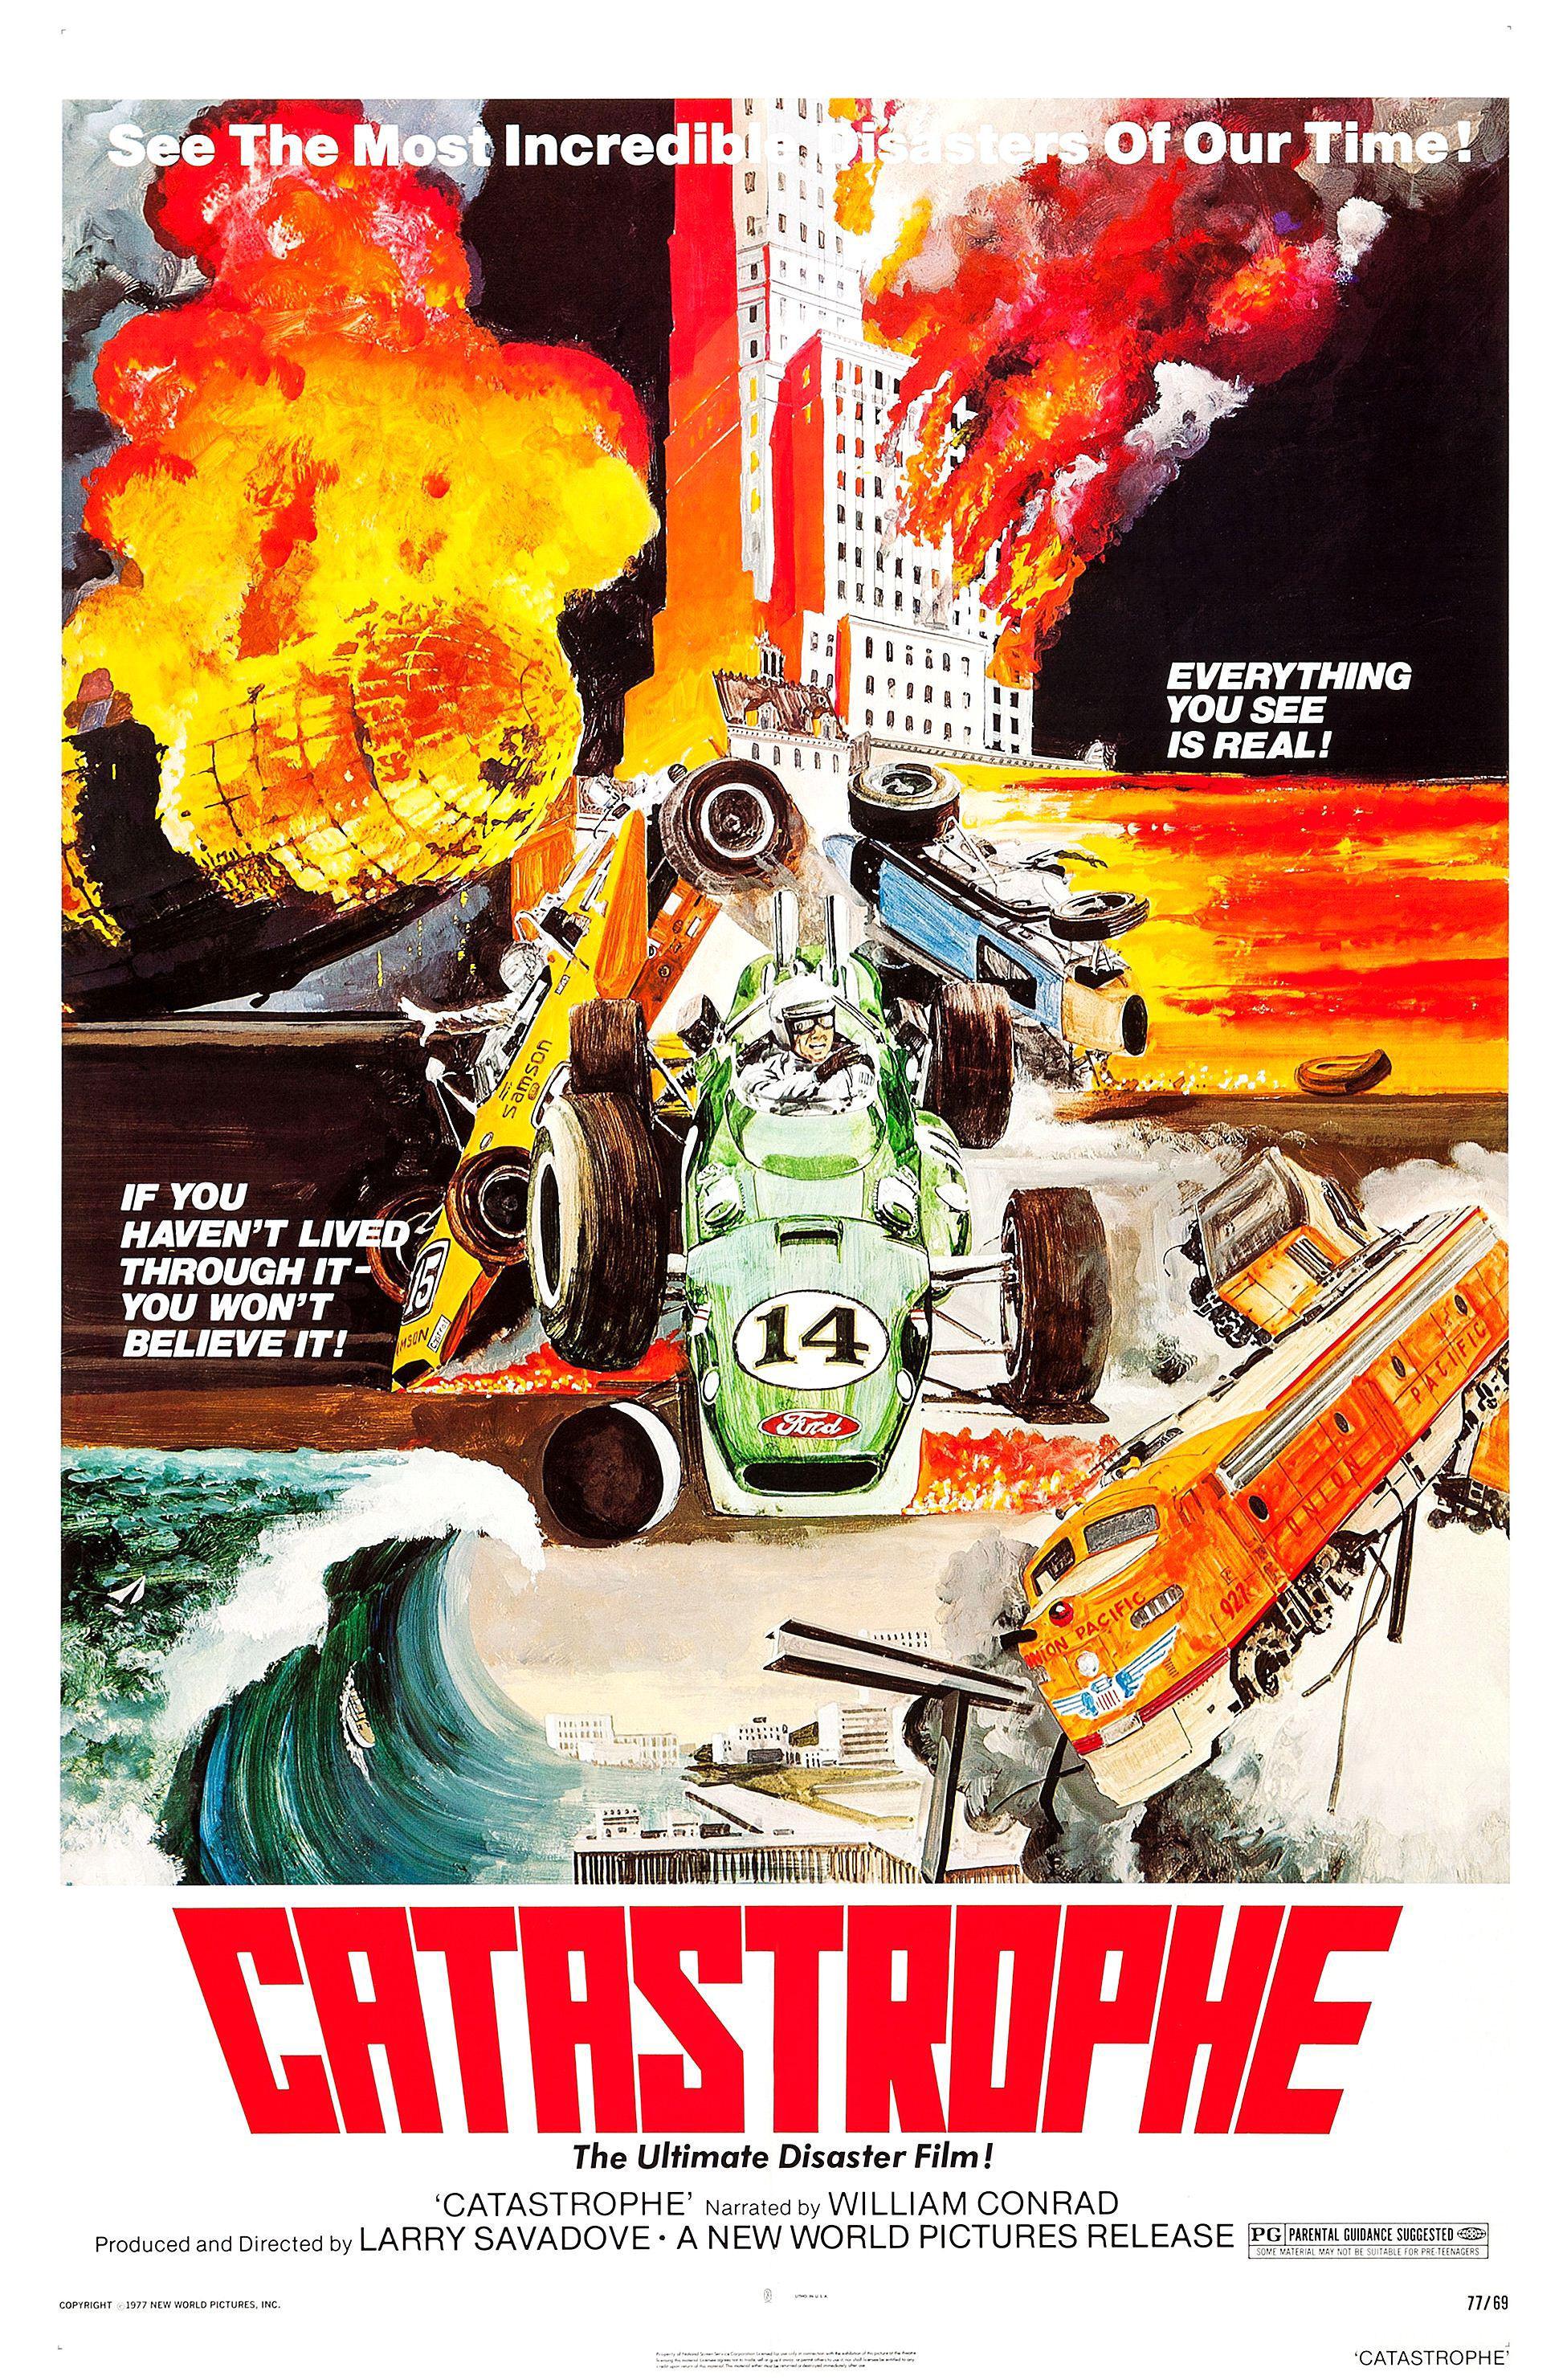 Catastrophe (1978)